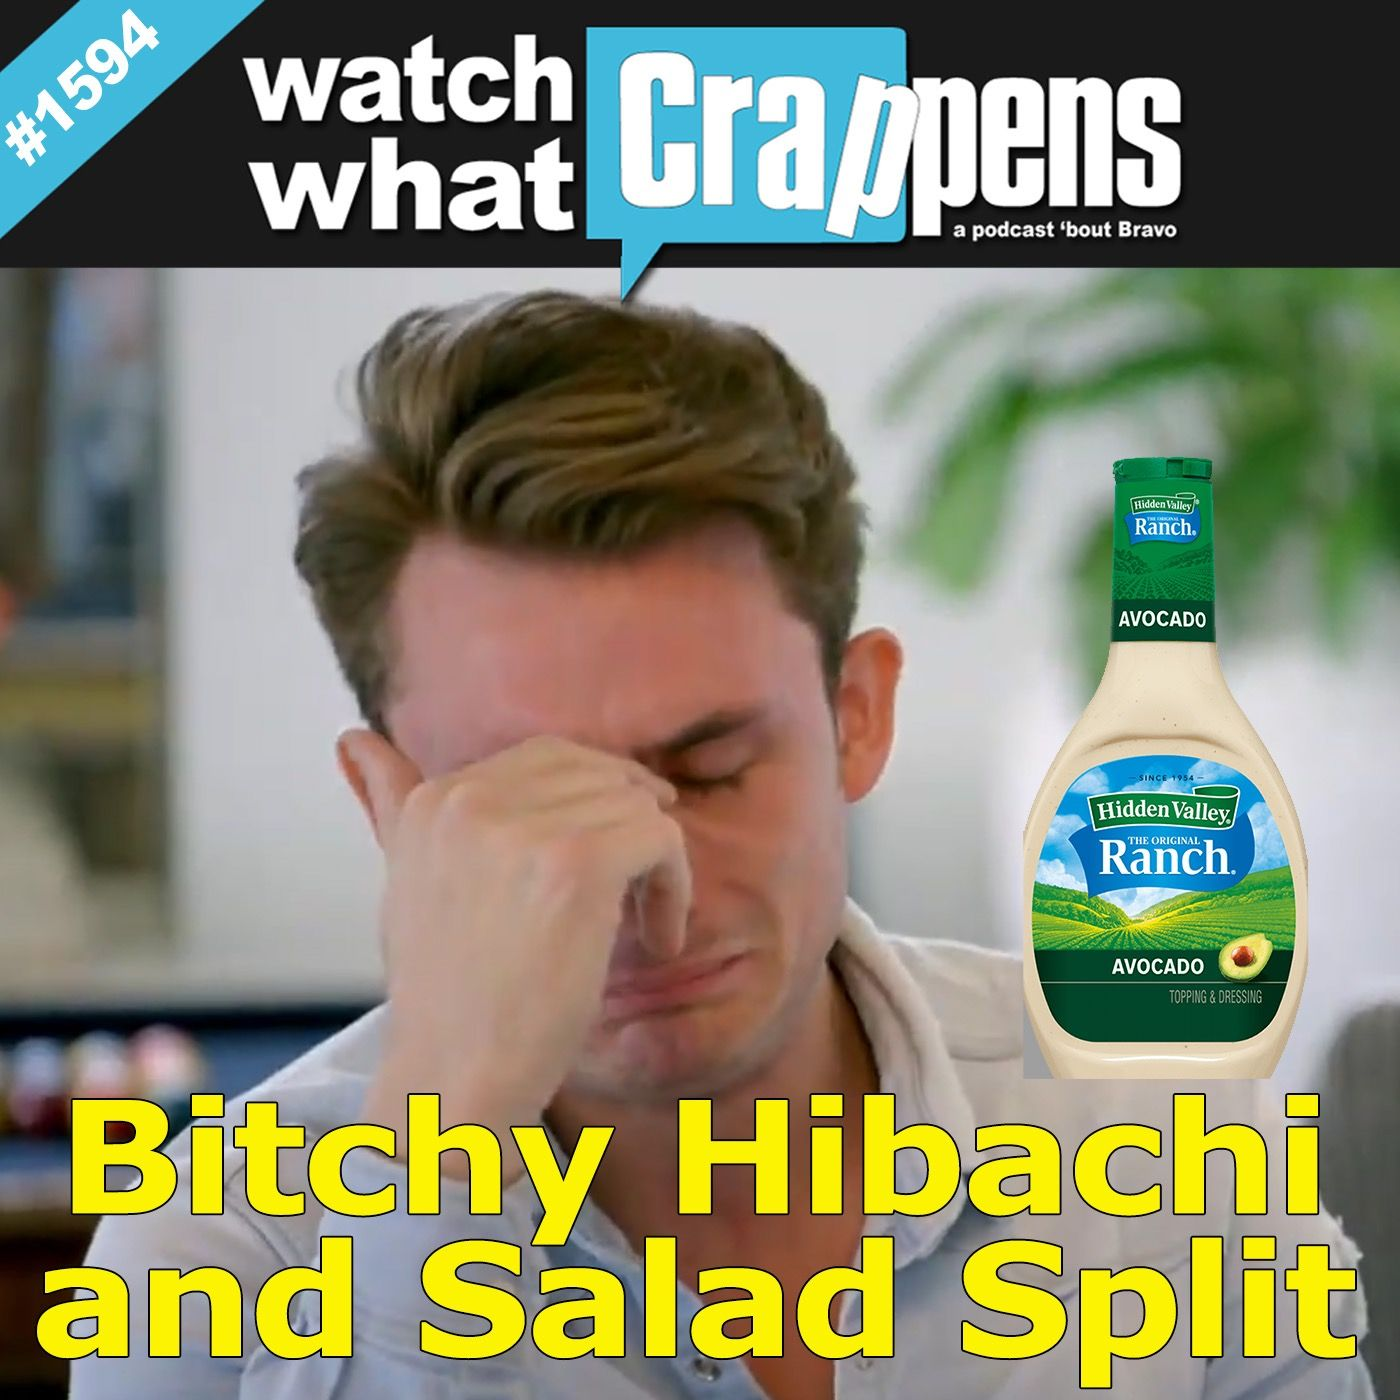 PumpRules: Bitchy Hibachi and Salad Splits